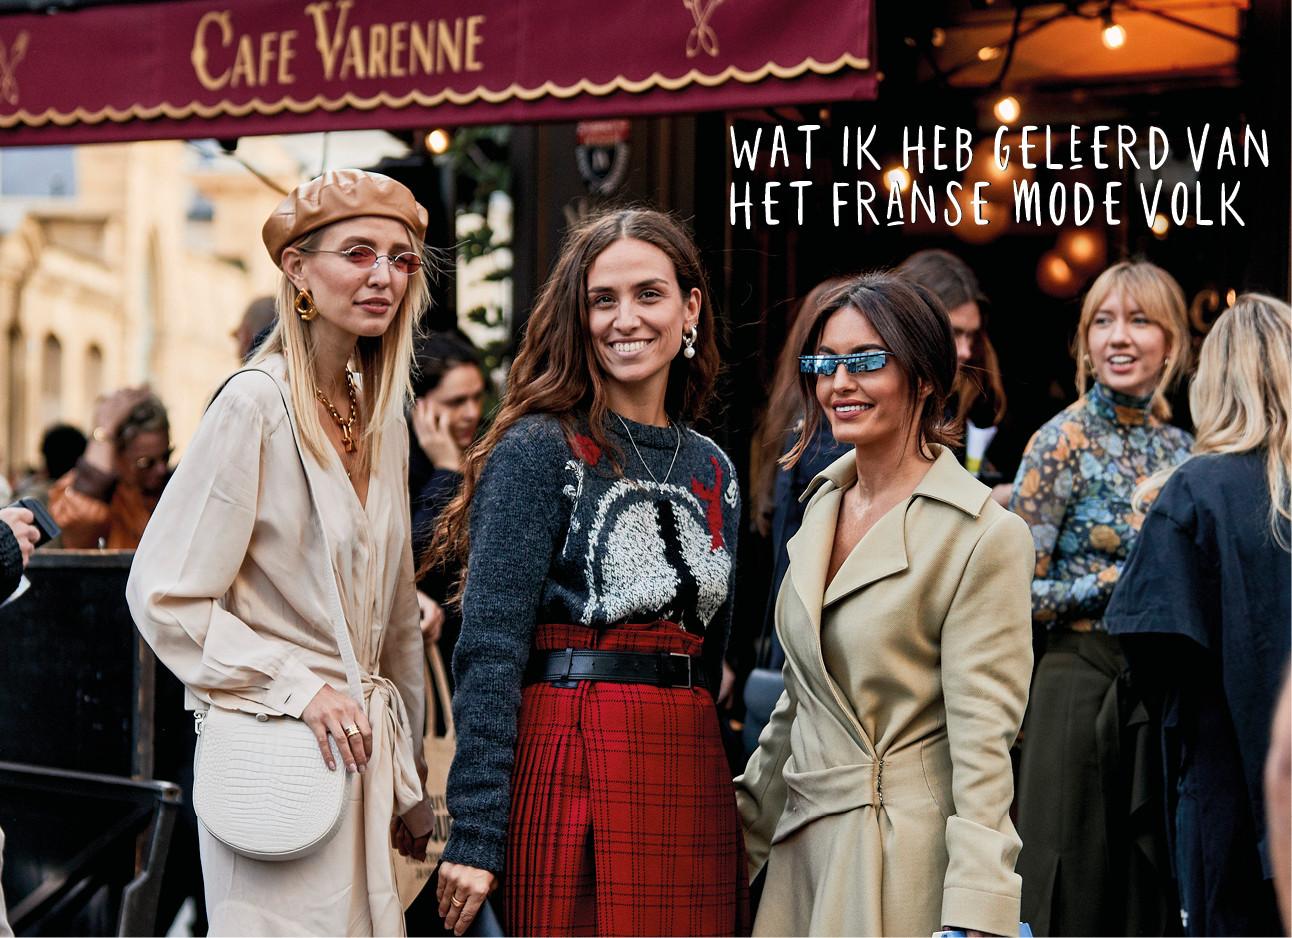 Franse vrouwen op straat bij een cafe